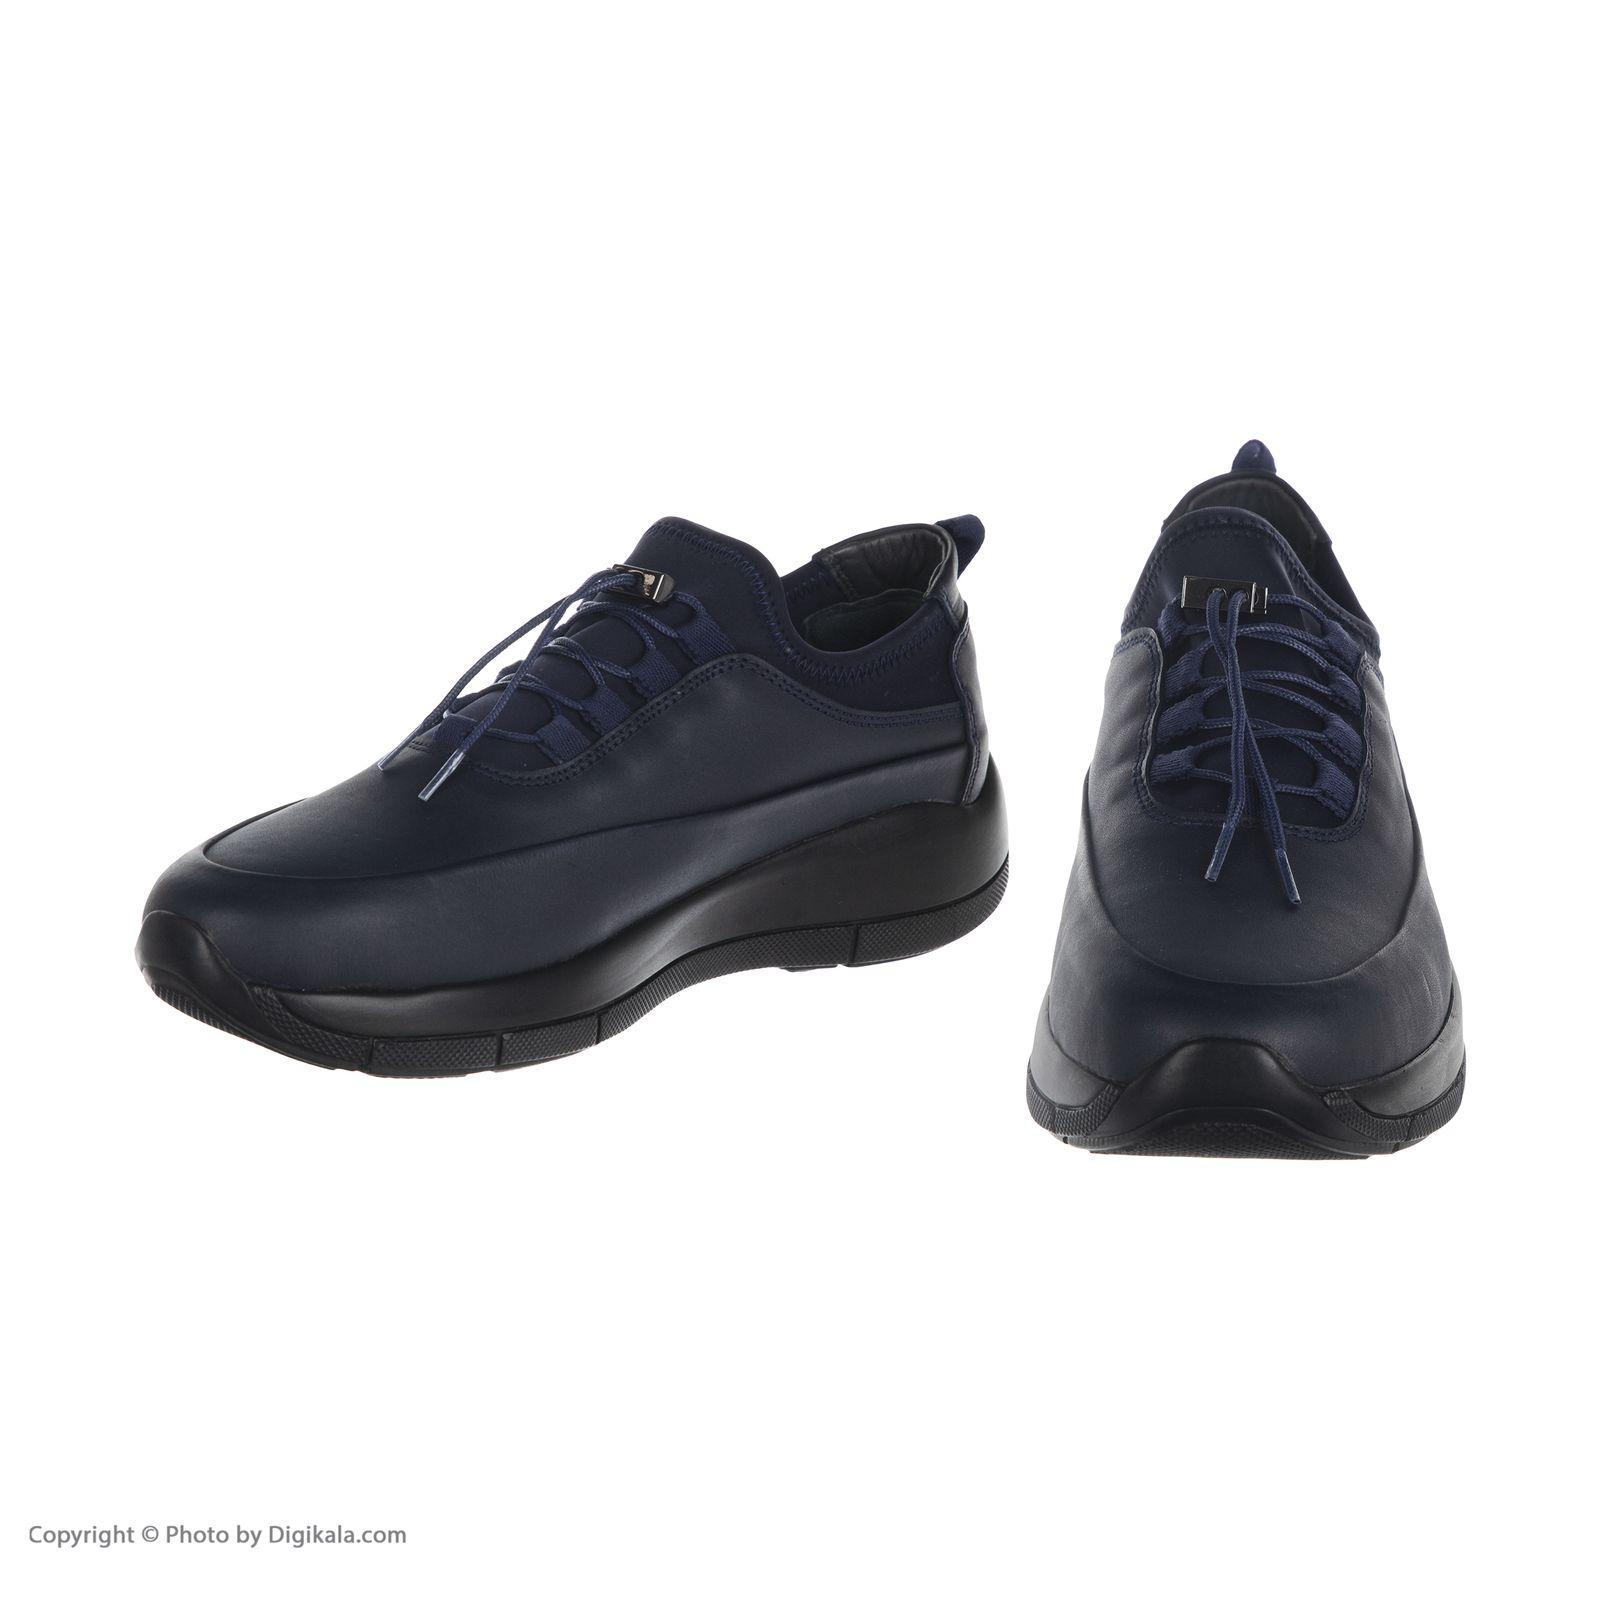 کفش روزمره مردانه دانادل مدل 8607A503103 -  - 5